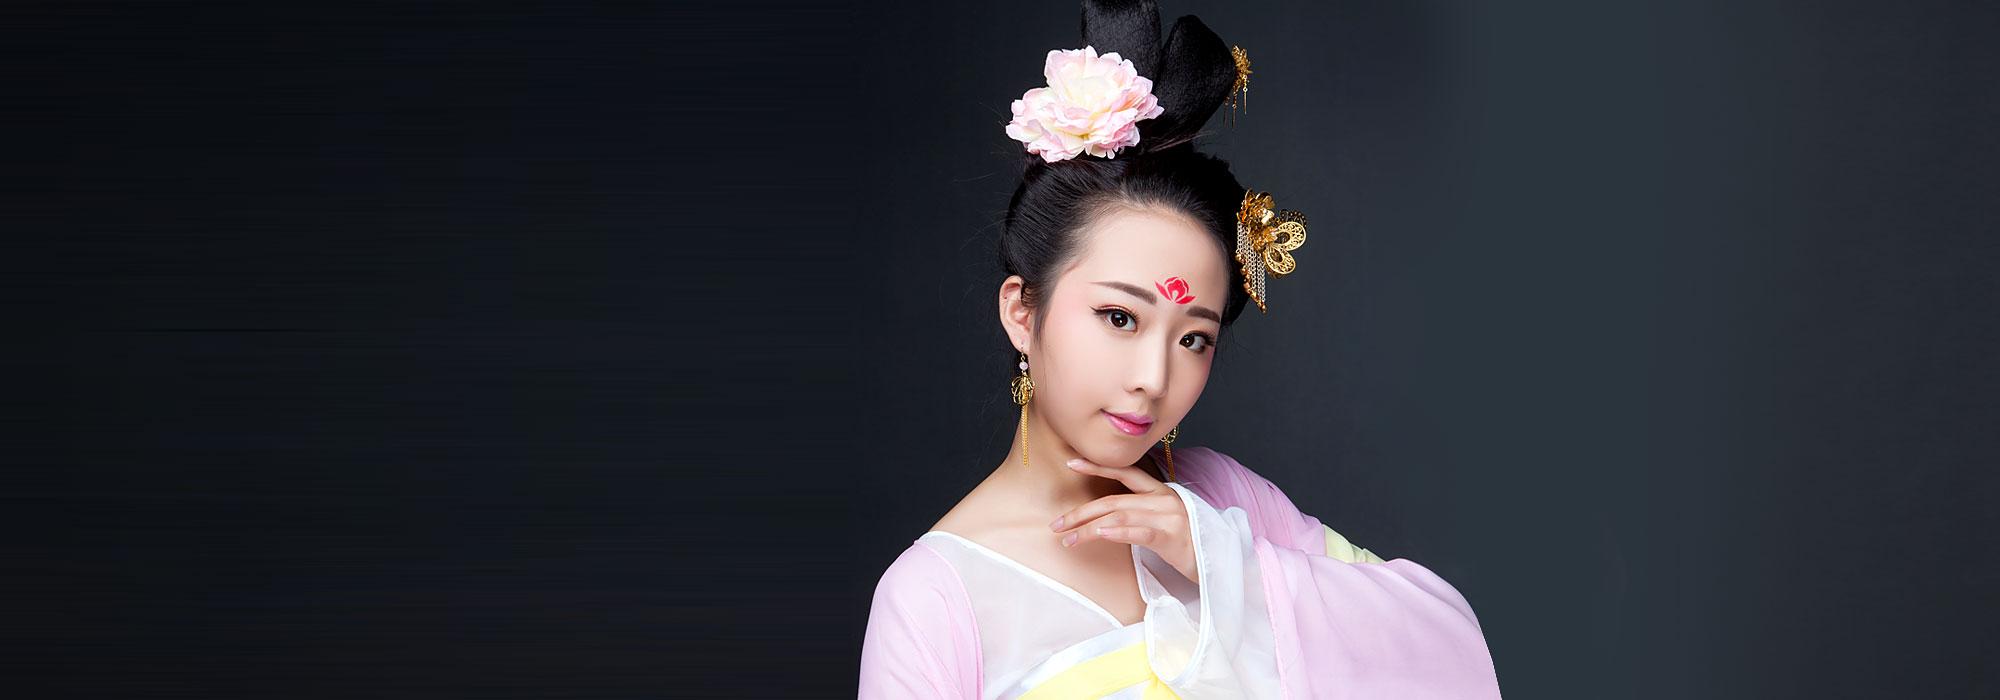 彩绘艺术 舞台化妆艺术 创意化妆艺术 复古怀旧化妆 欧式化妆 影视